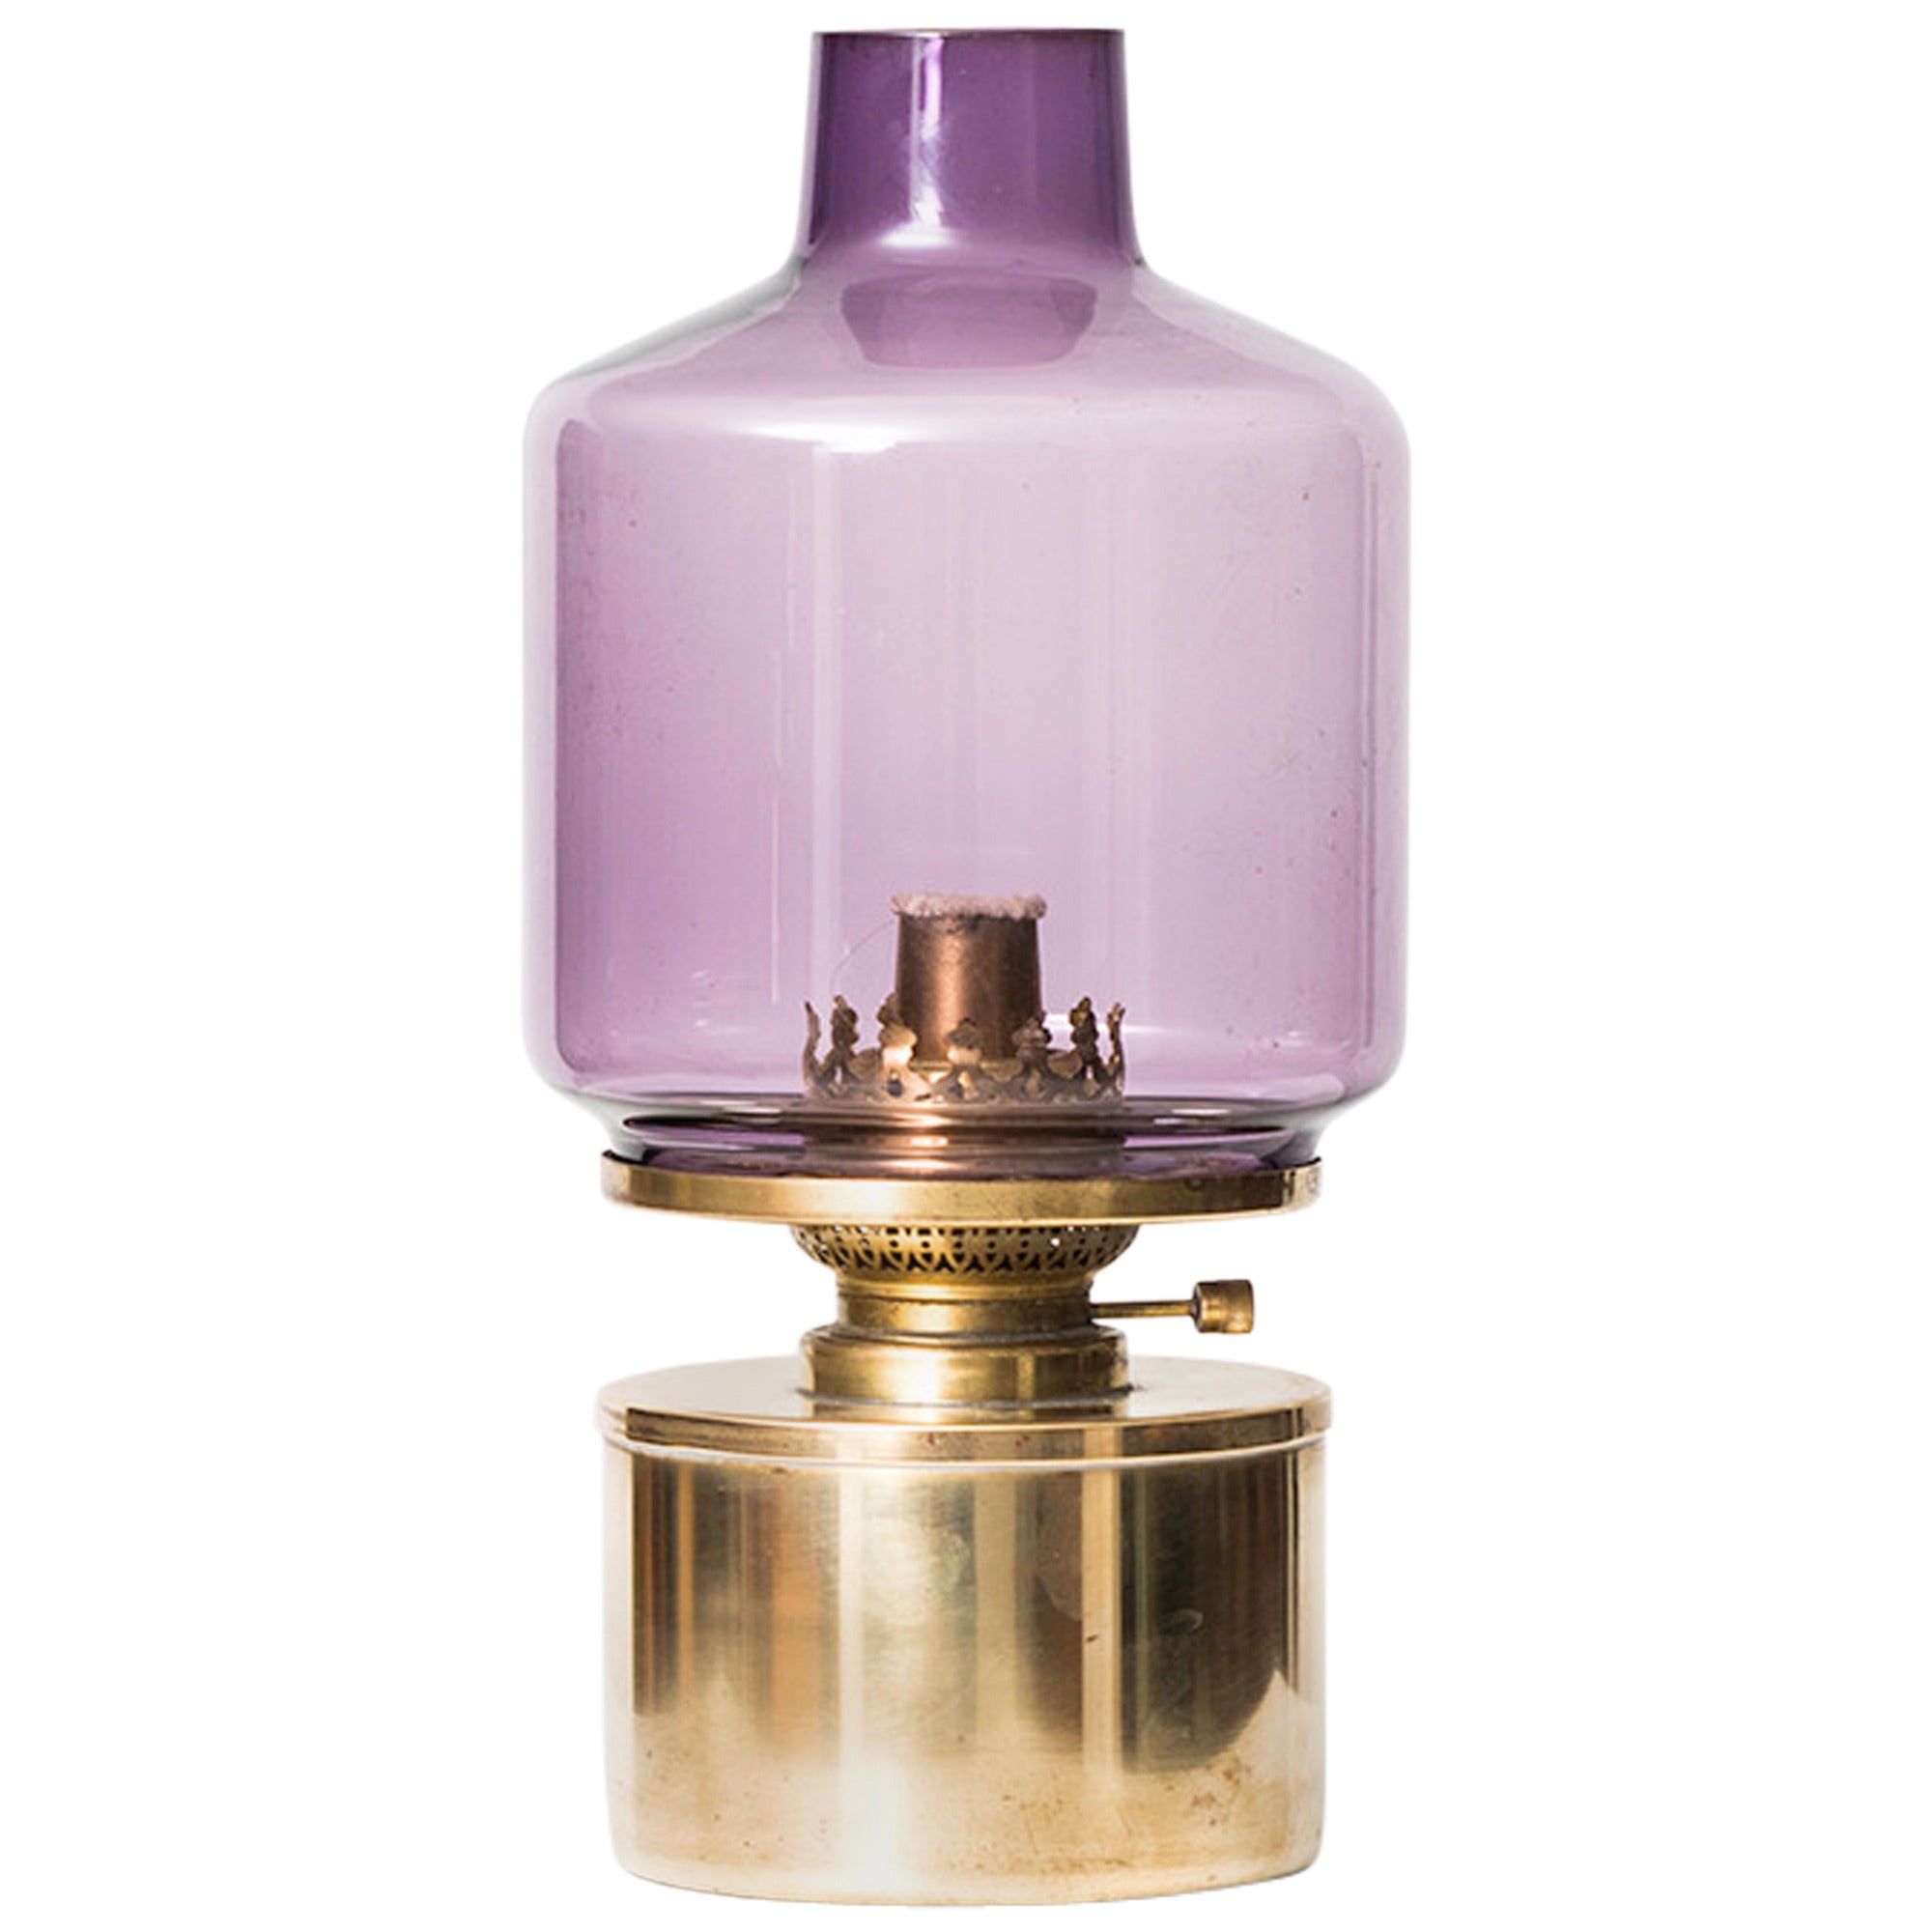 Hans-Agne Jakobsson Oil or Kerosene Table Lamp Model L-47